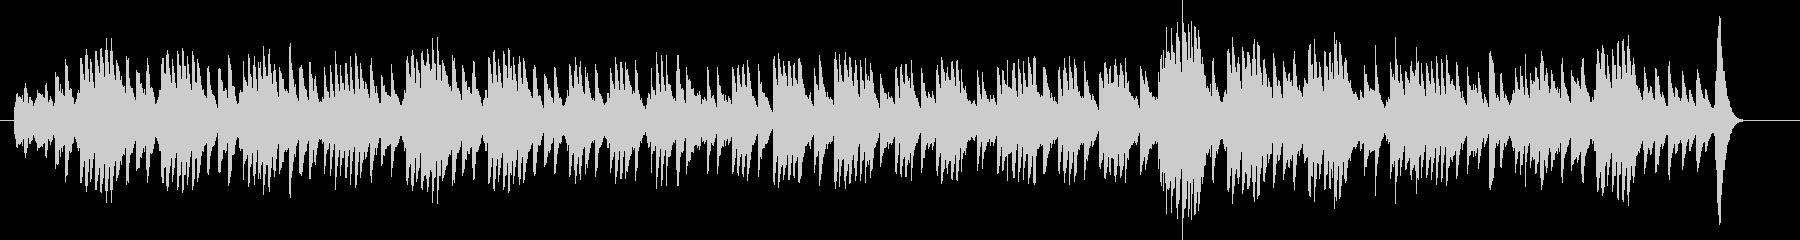 ドリー組曲より子守唄(オルゴール)の未再生の波形